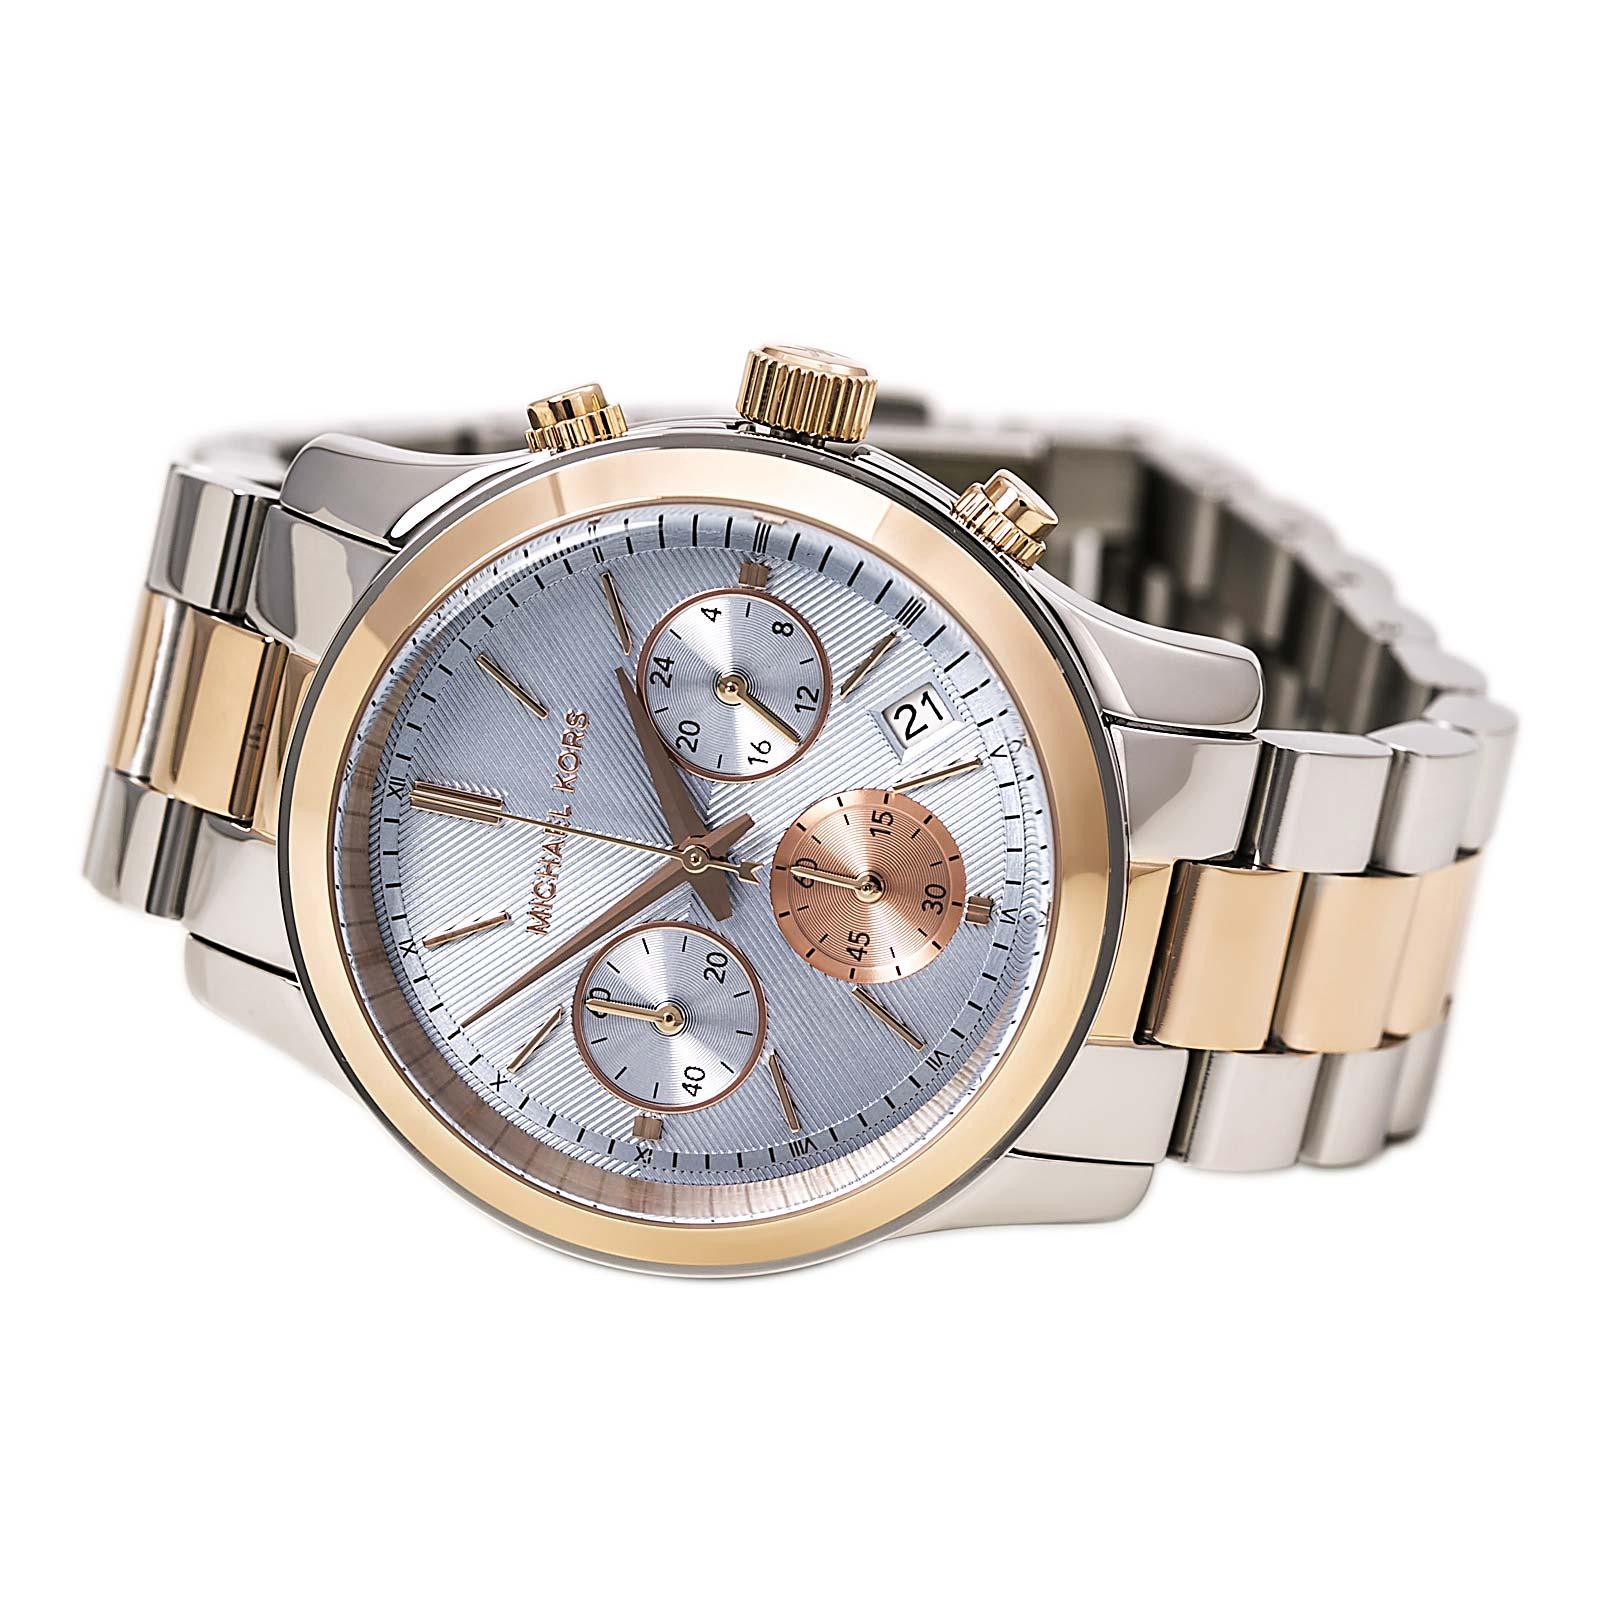 美國Outlet 正品代購 Michael Kors MK 三眼 雙色精鋼 滿鑽 手錶 腕錶 MK6166 5